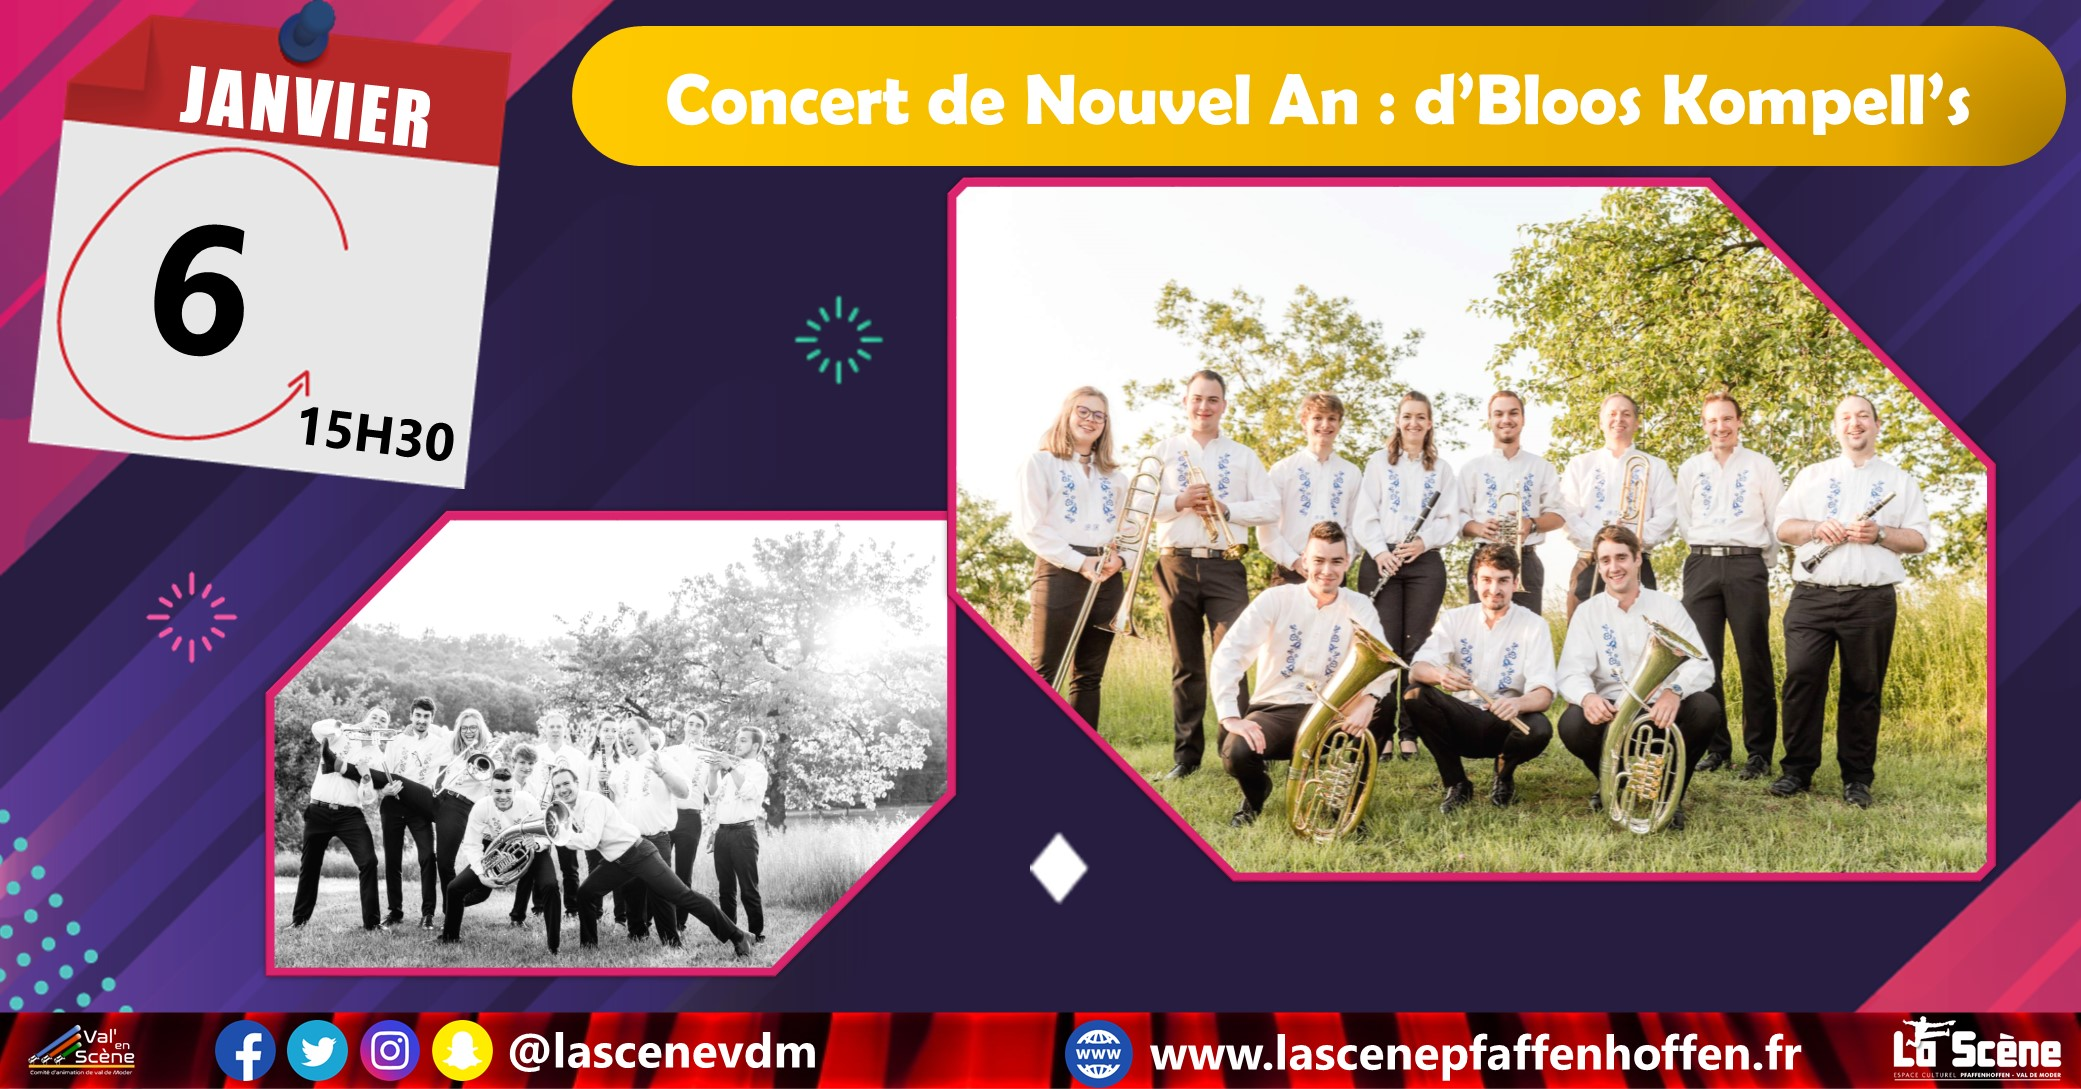 Concert de Nouvel An : d'Bloos Kompell's